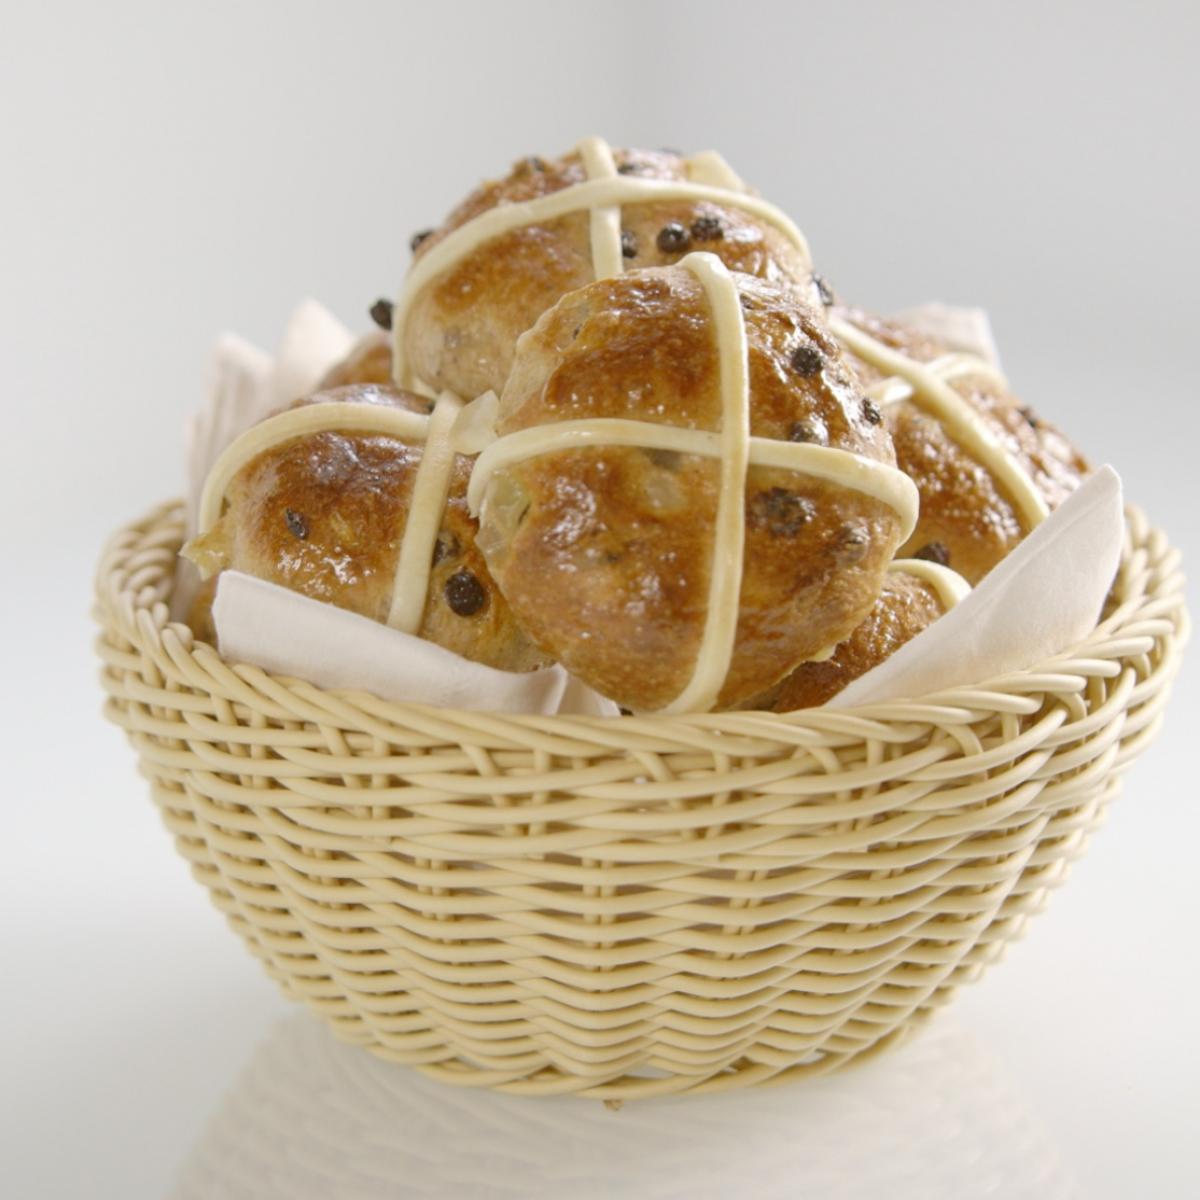 A picture of Delia's Hot Cross Buns recipe